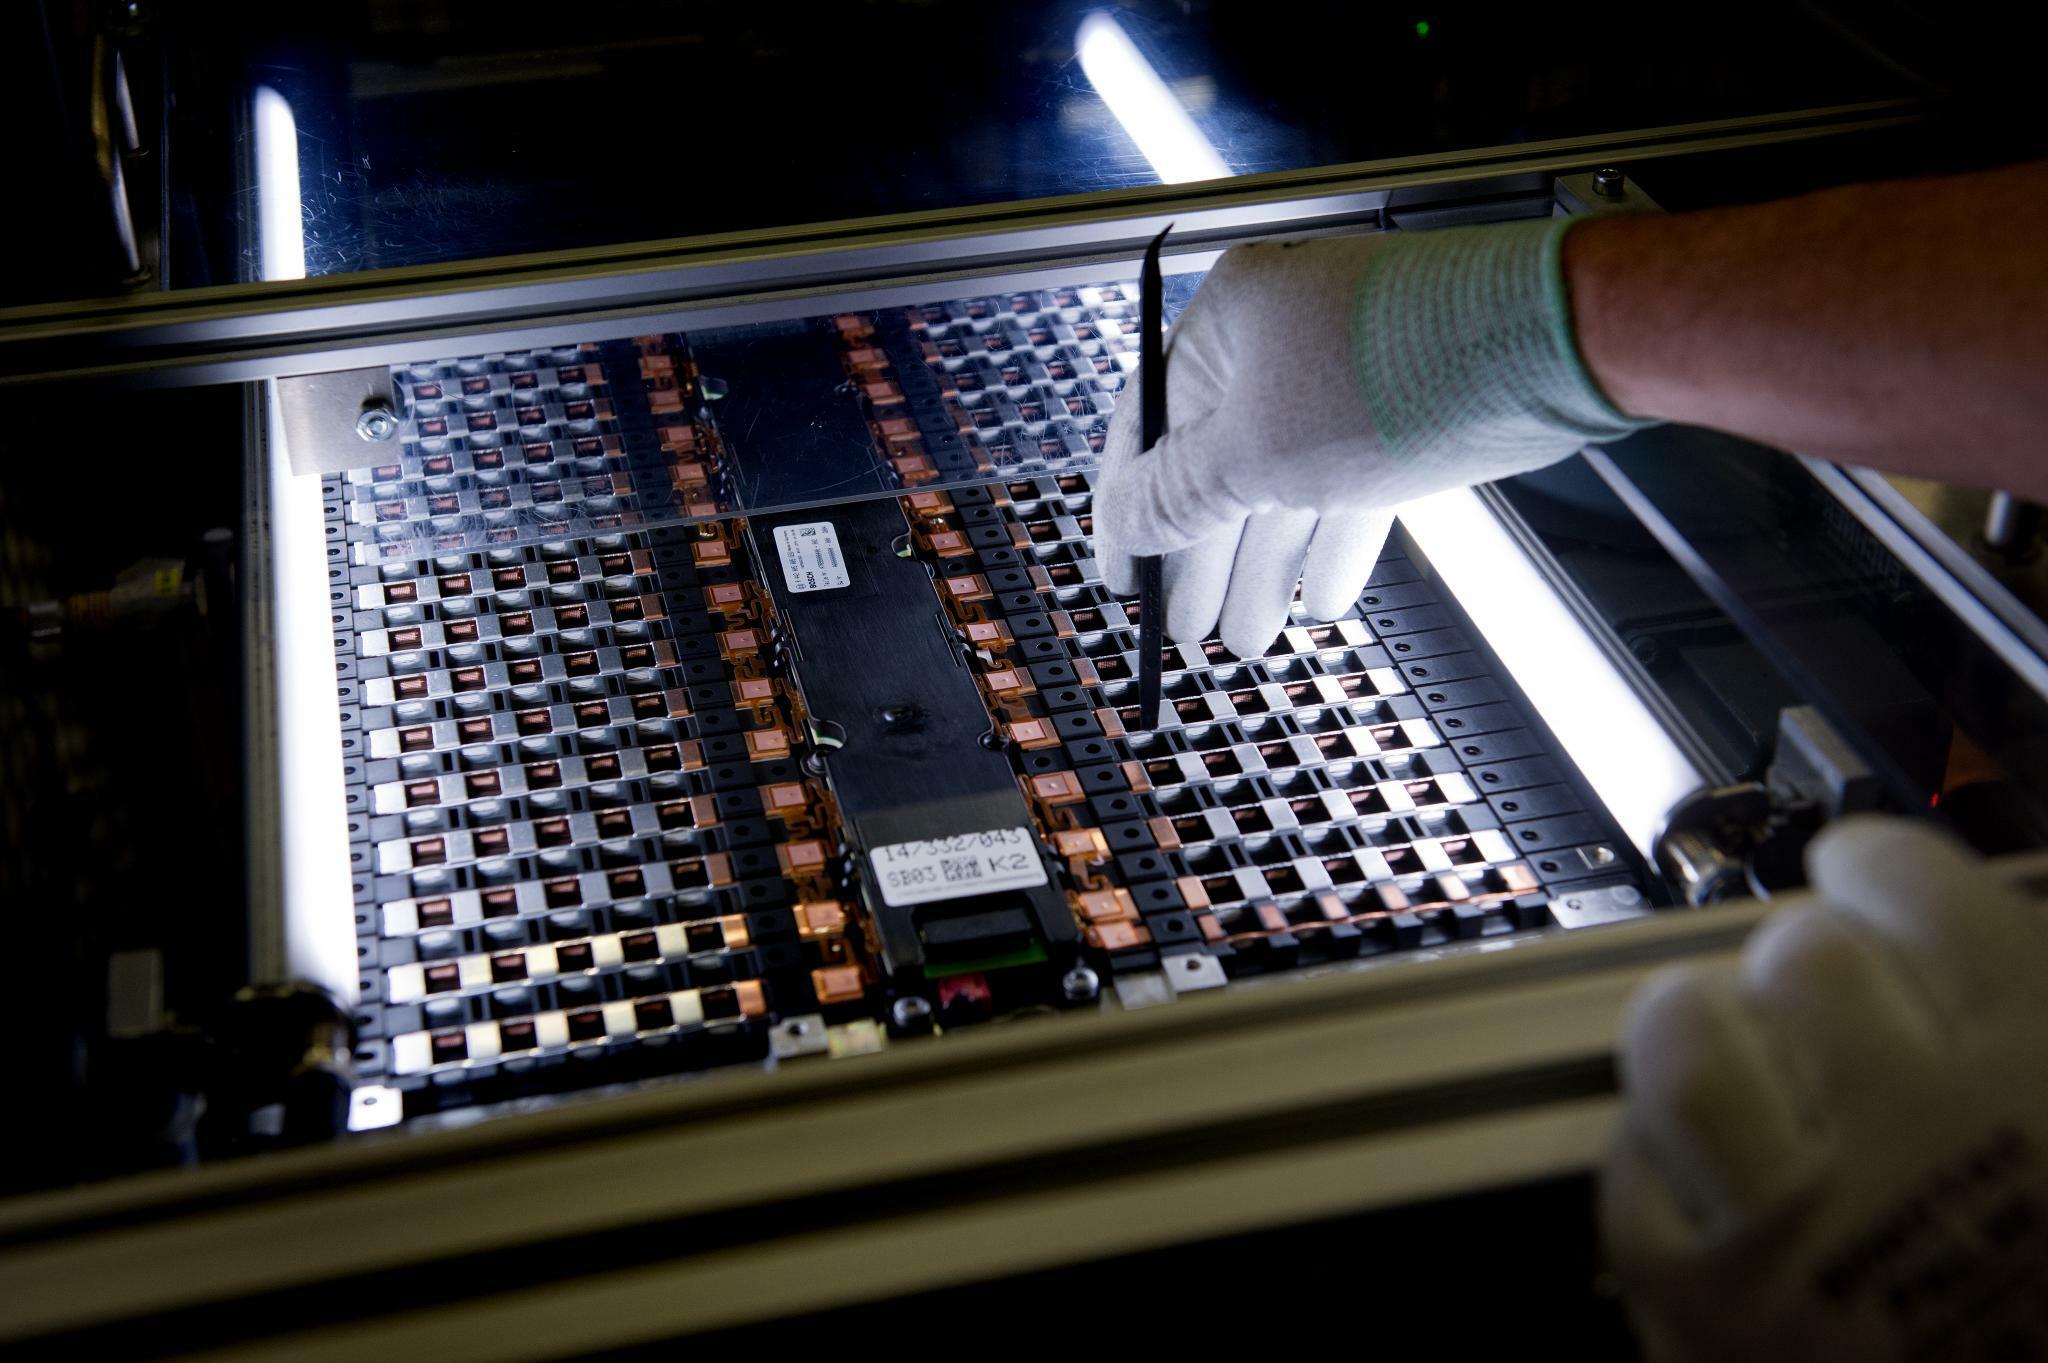 Batteriezellen und Black Friday: Die Firmenereignisse der Woche